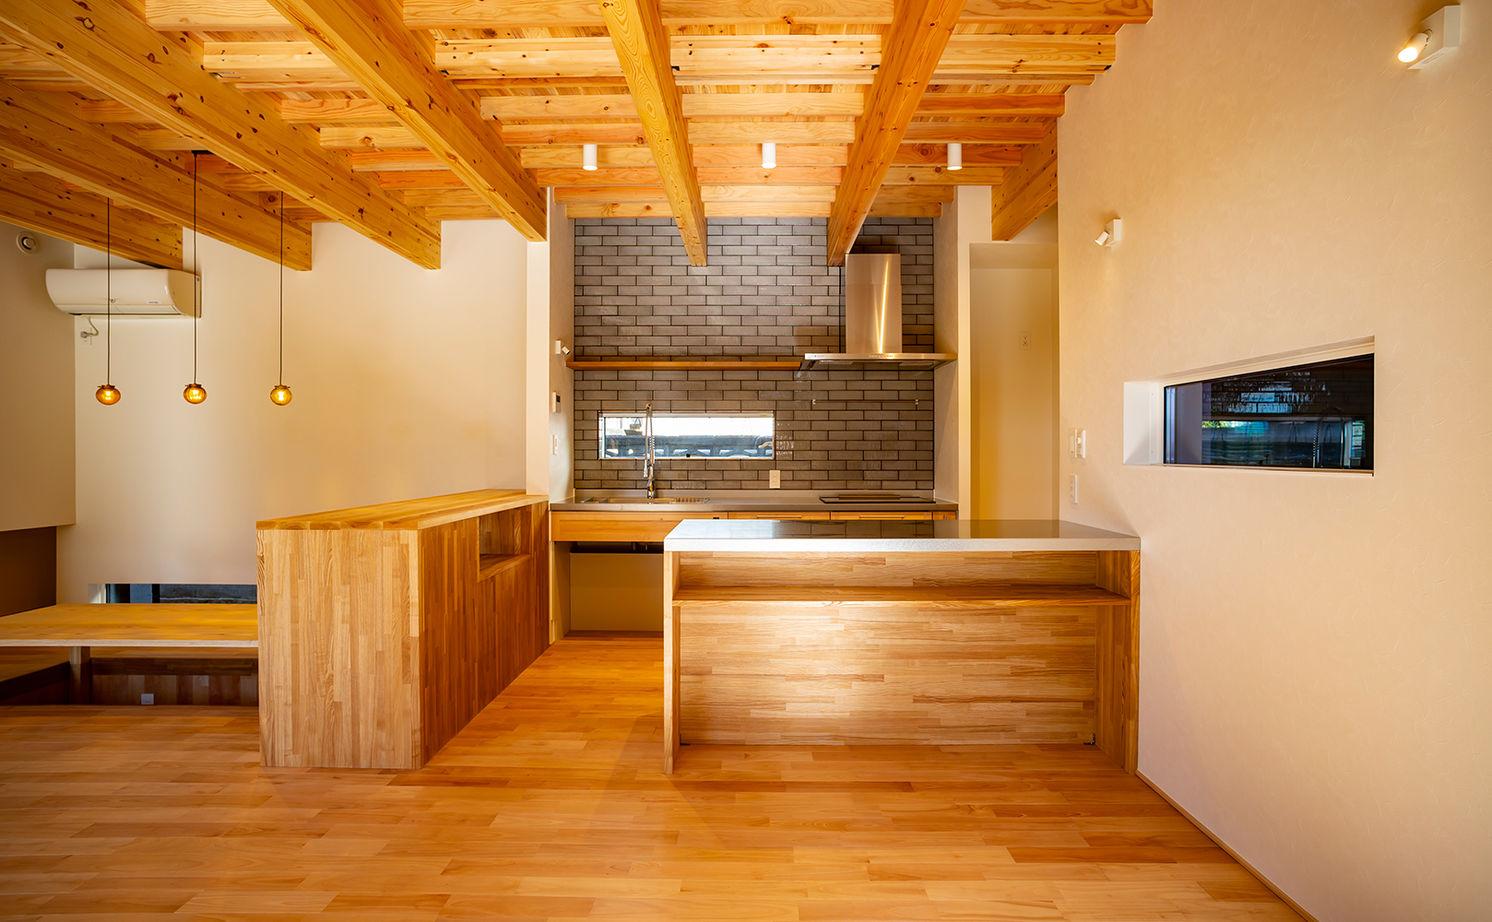 【2500~2999万円/2LDK】設計力の高さに魅かれて依頼!理想が詰まった土間玄関のある家画像2